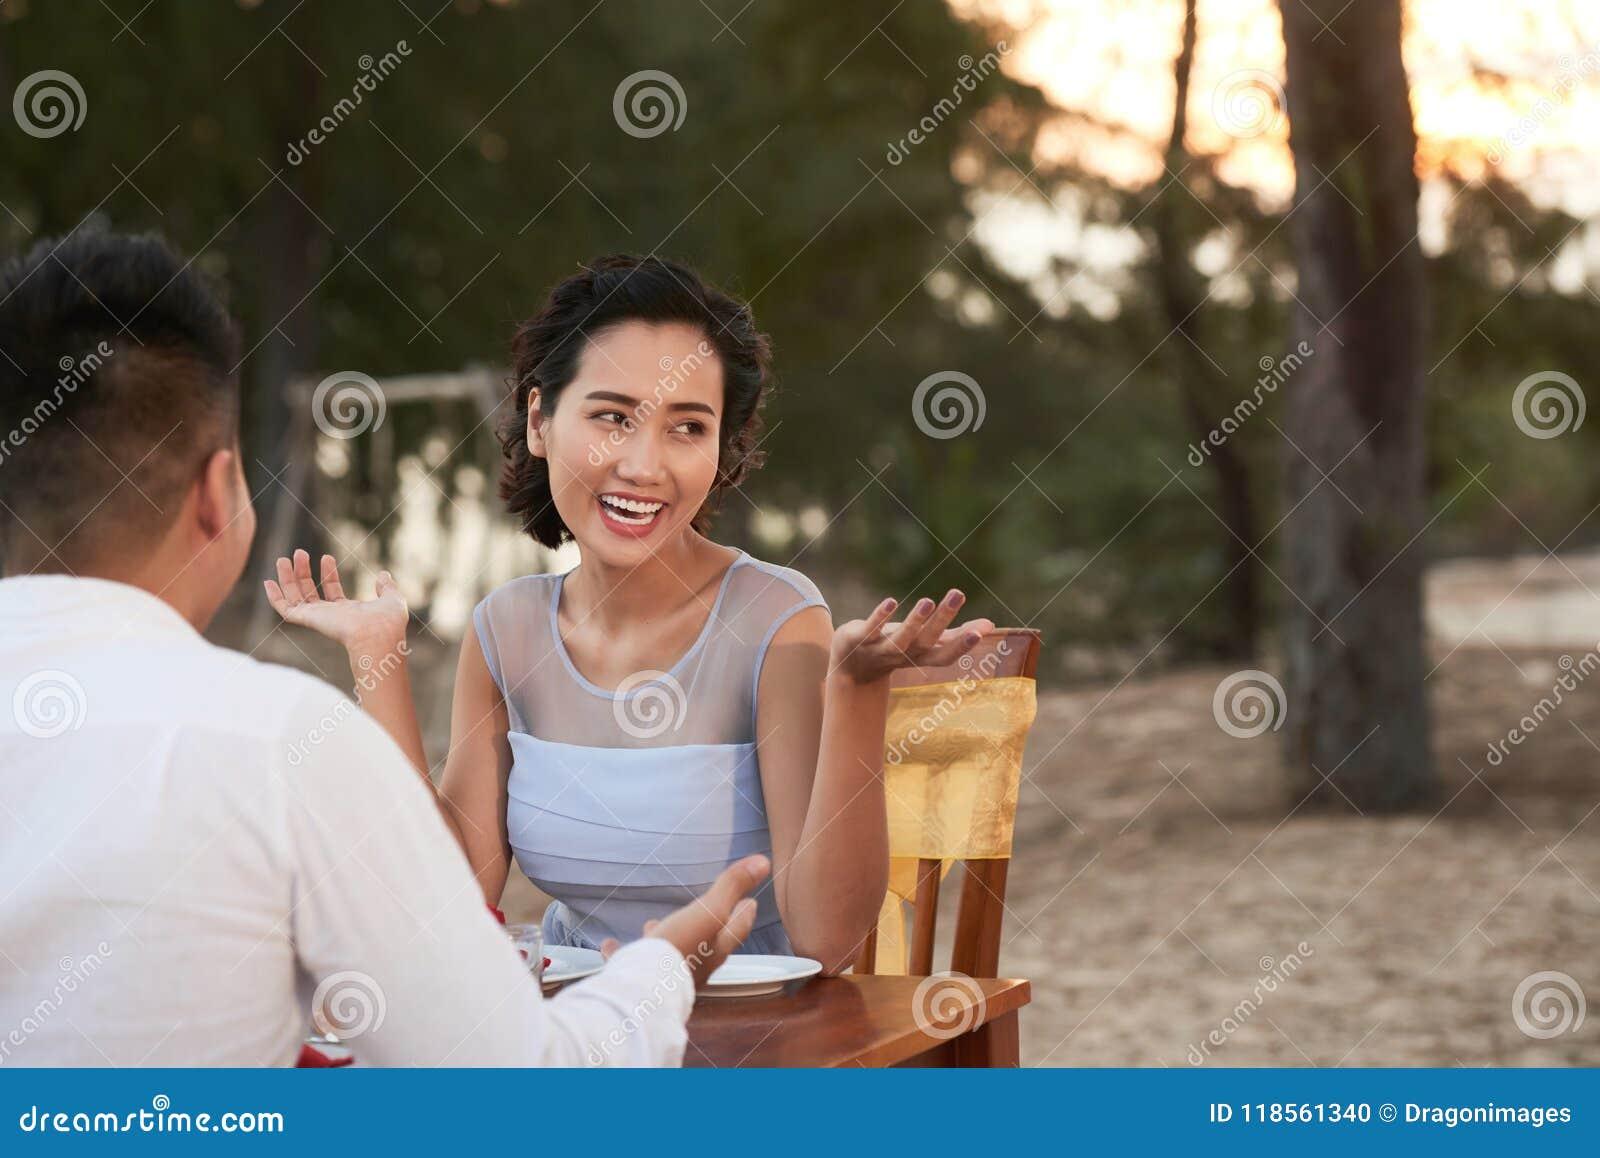 Speed dating for seniors in edmonton